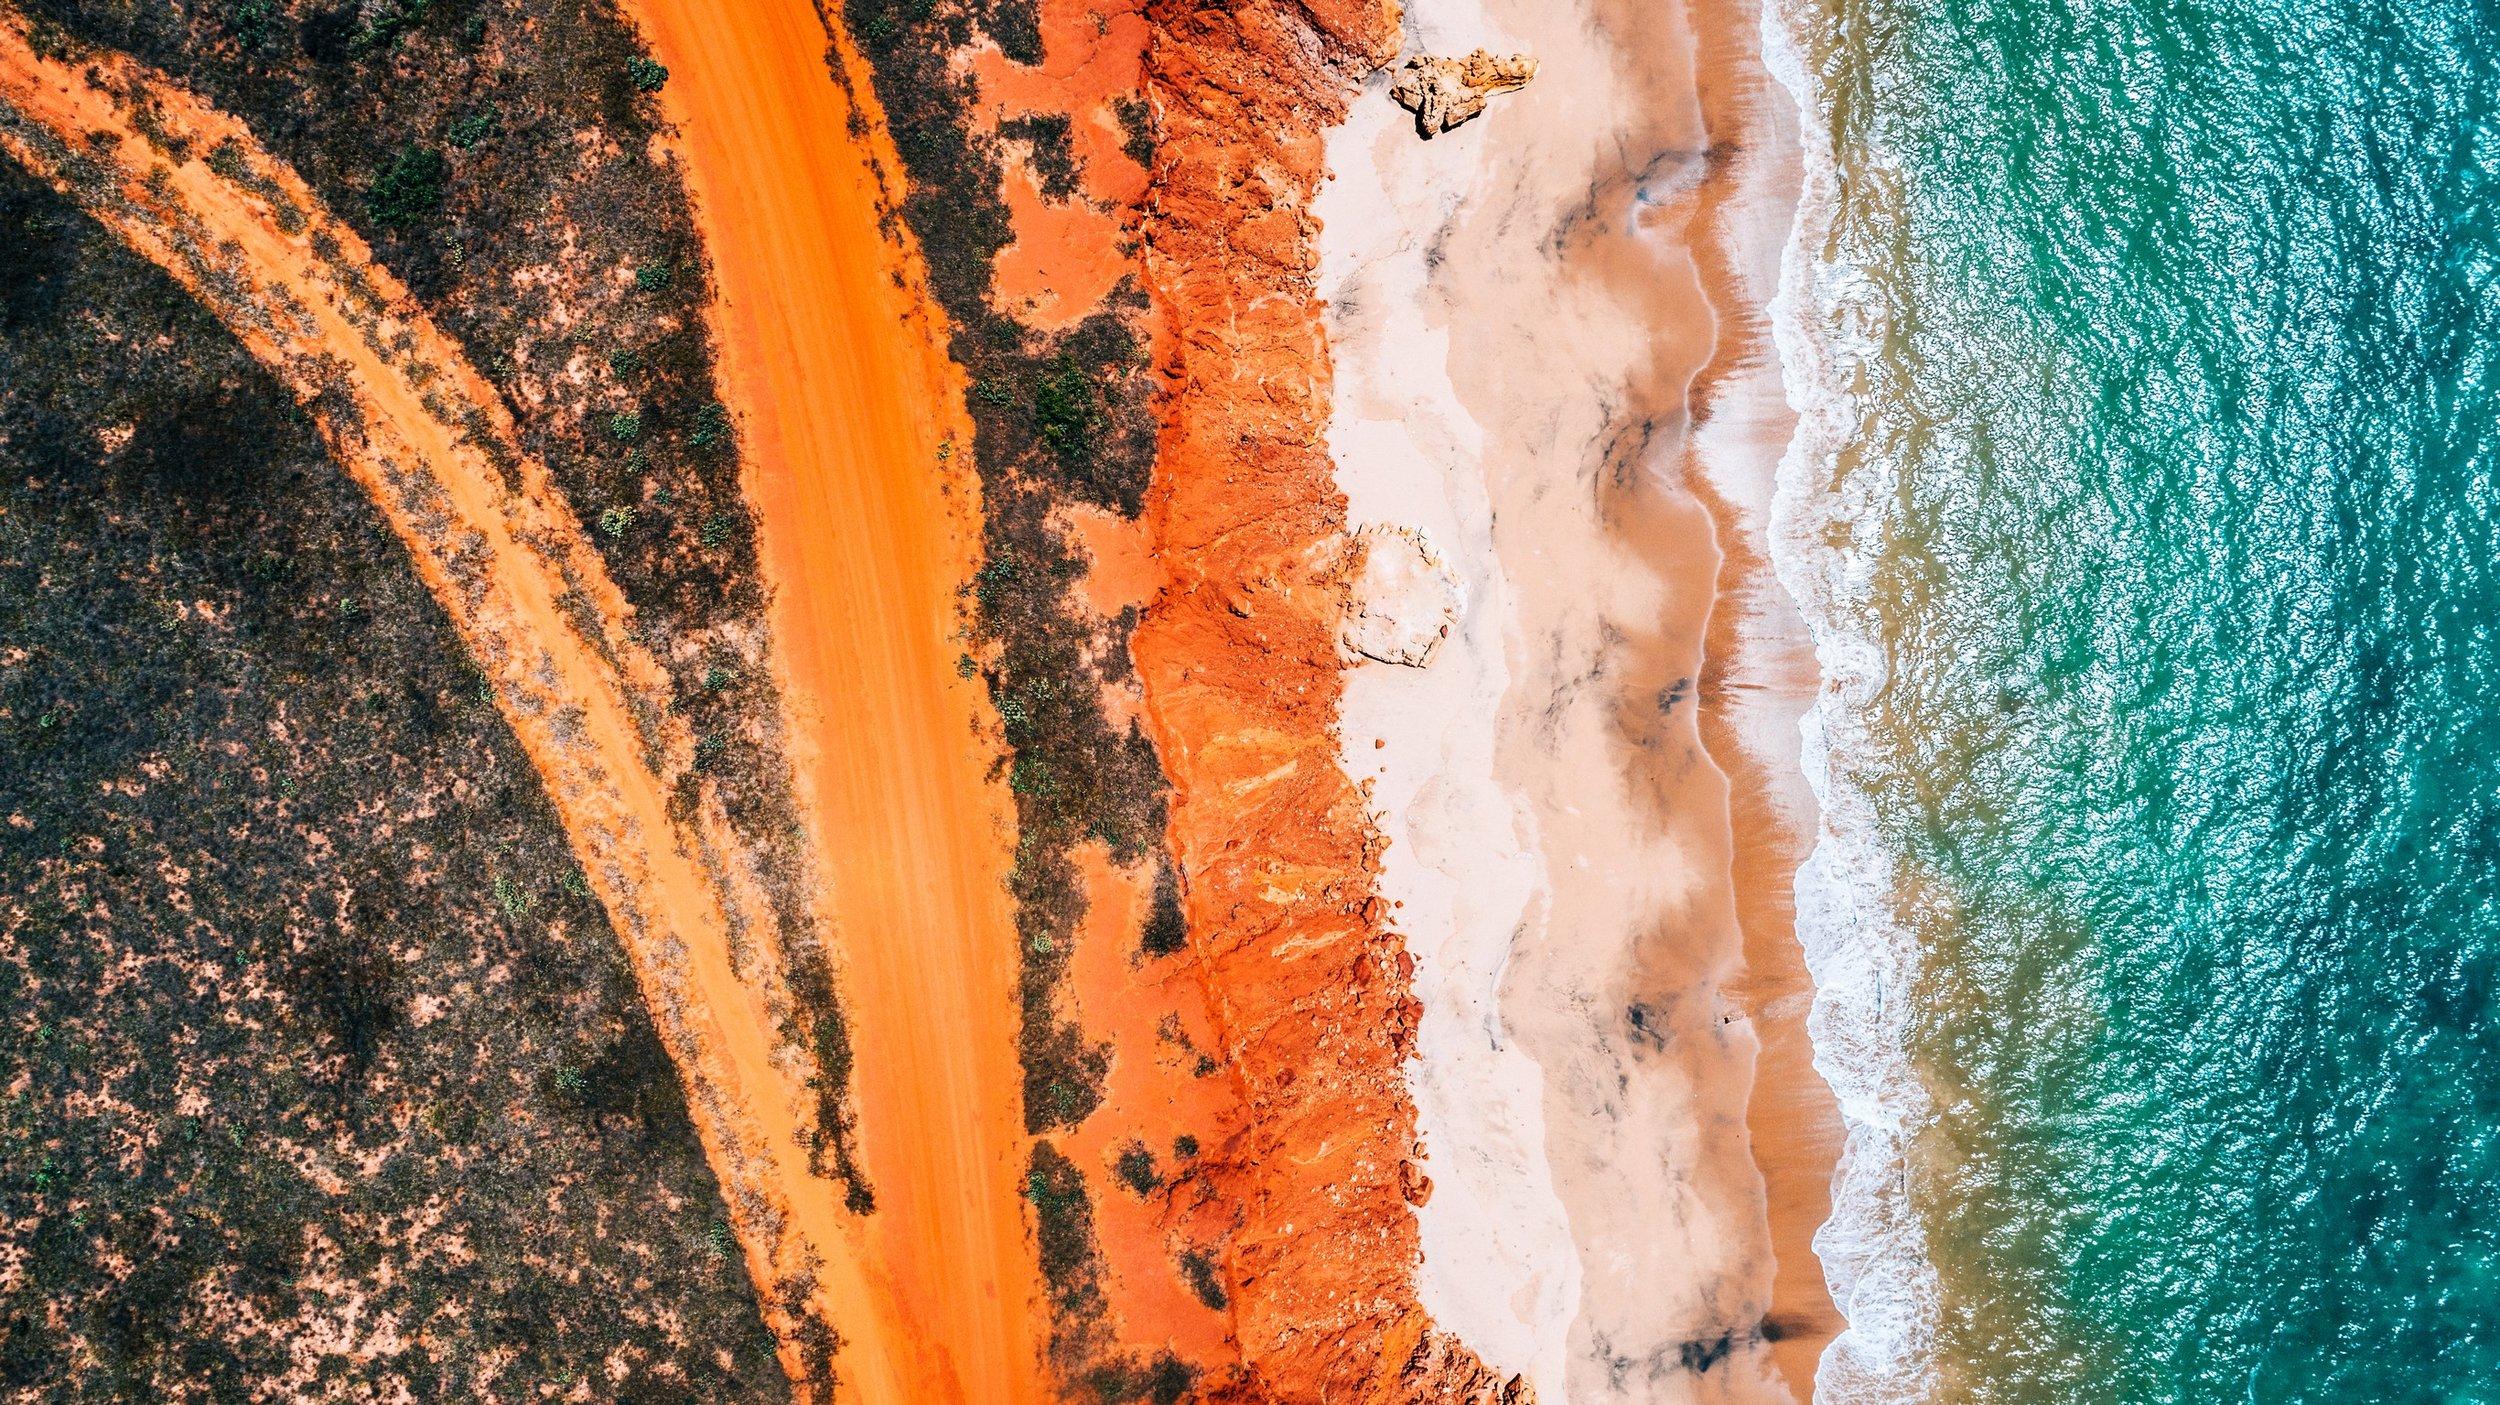 BROOME 2 - WESTERN AUSTRALIA - ELLIOT HUNT